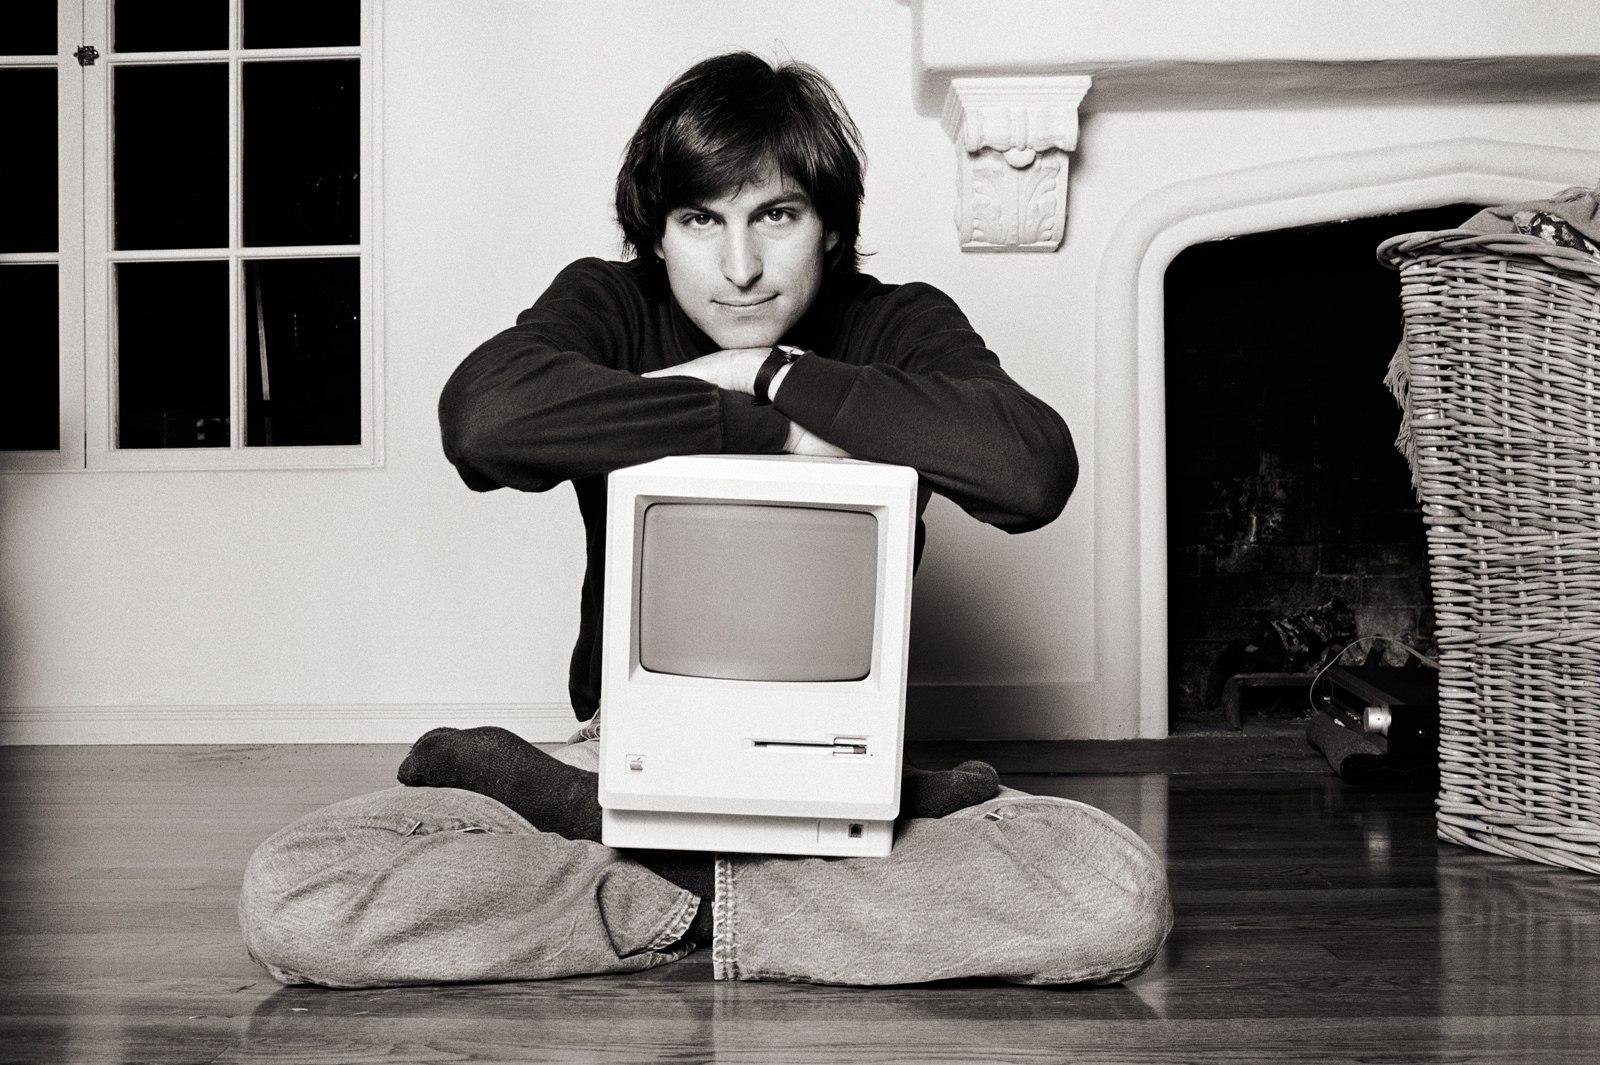 Заявление Стива Джобса на поиск работы выставили на аукцион. Два года назад его продали за $175 000